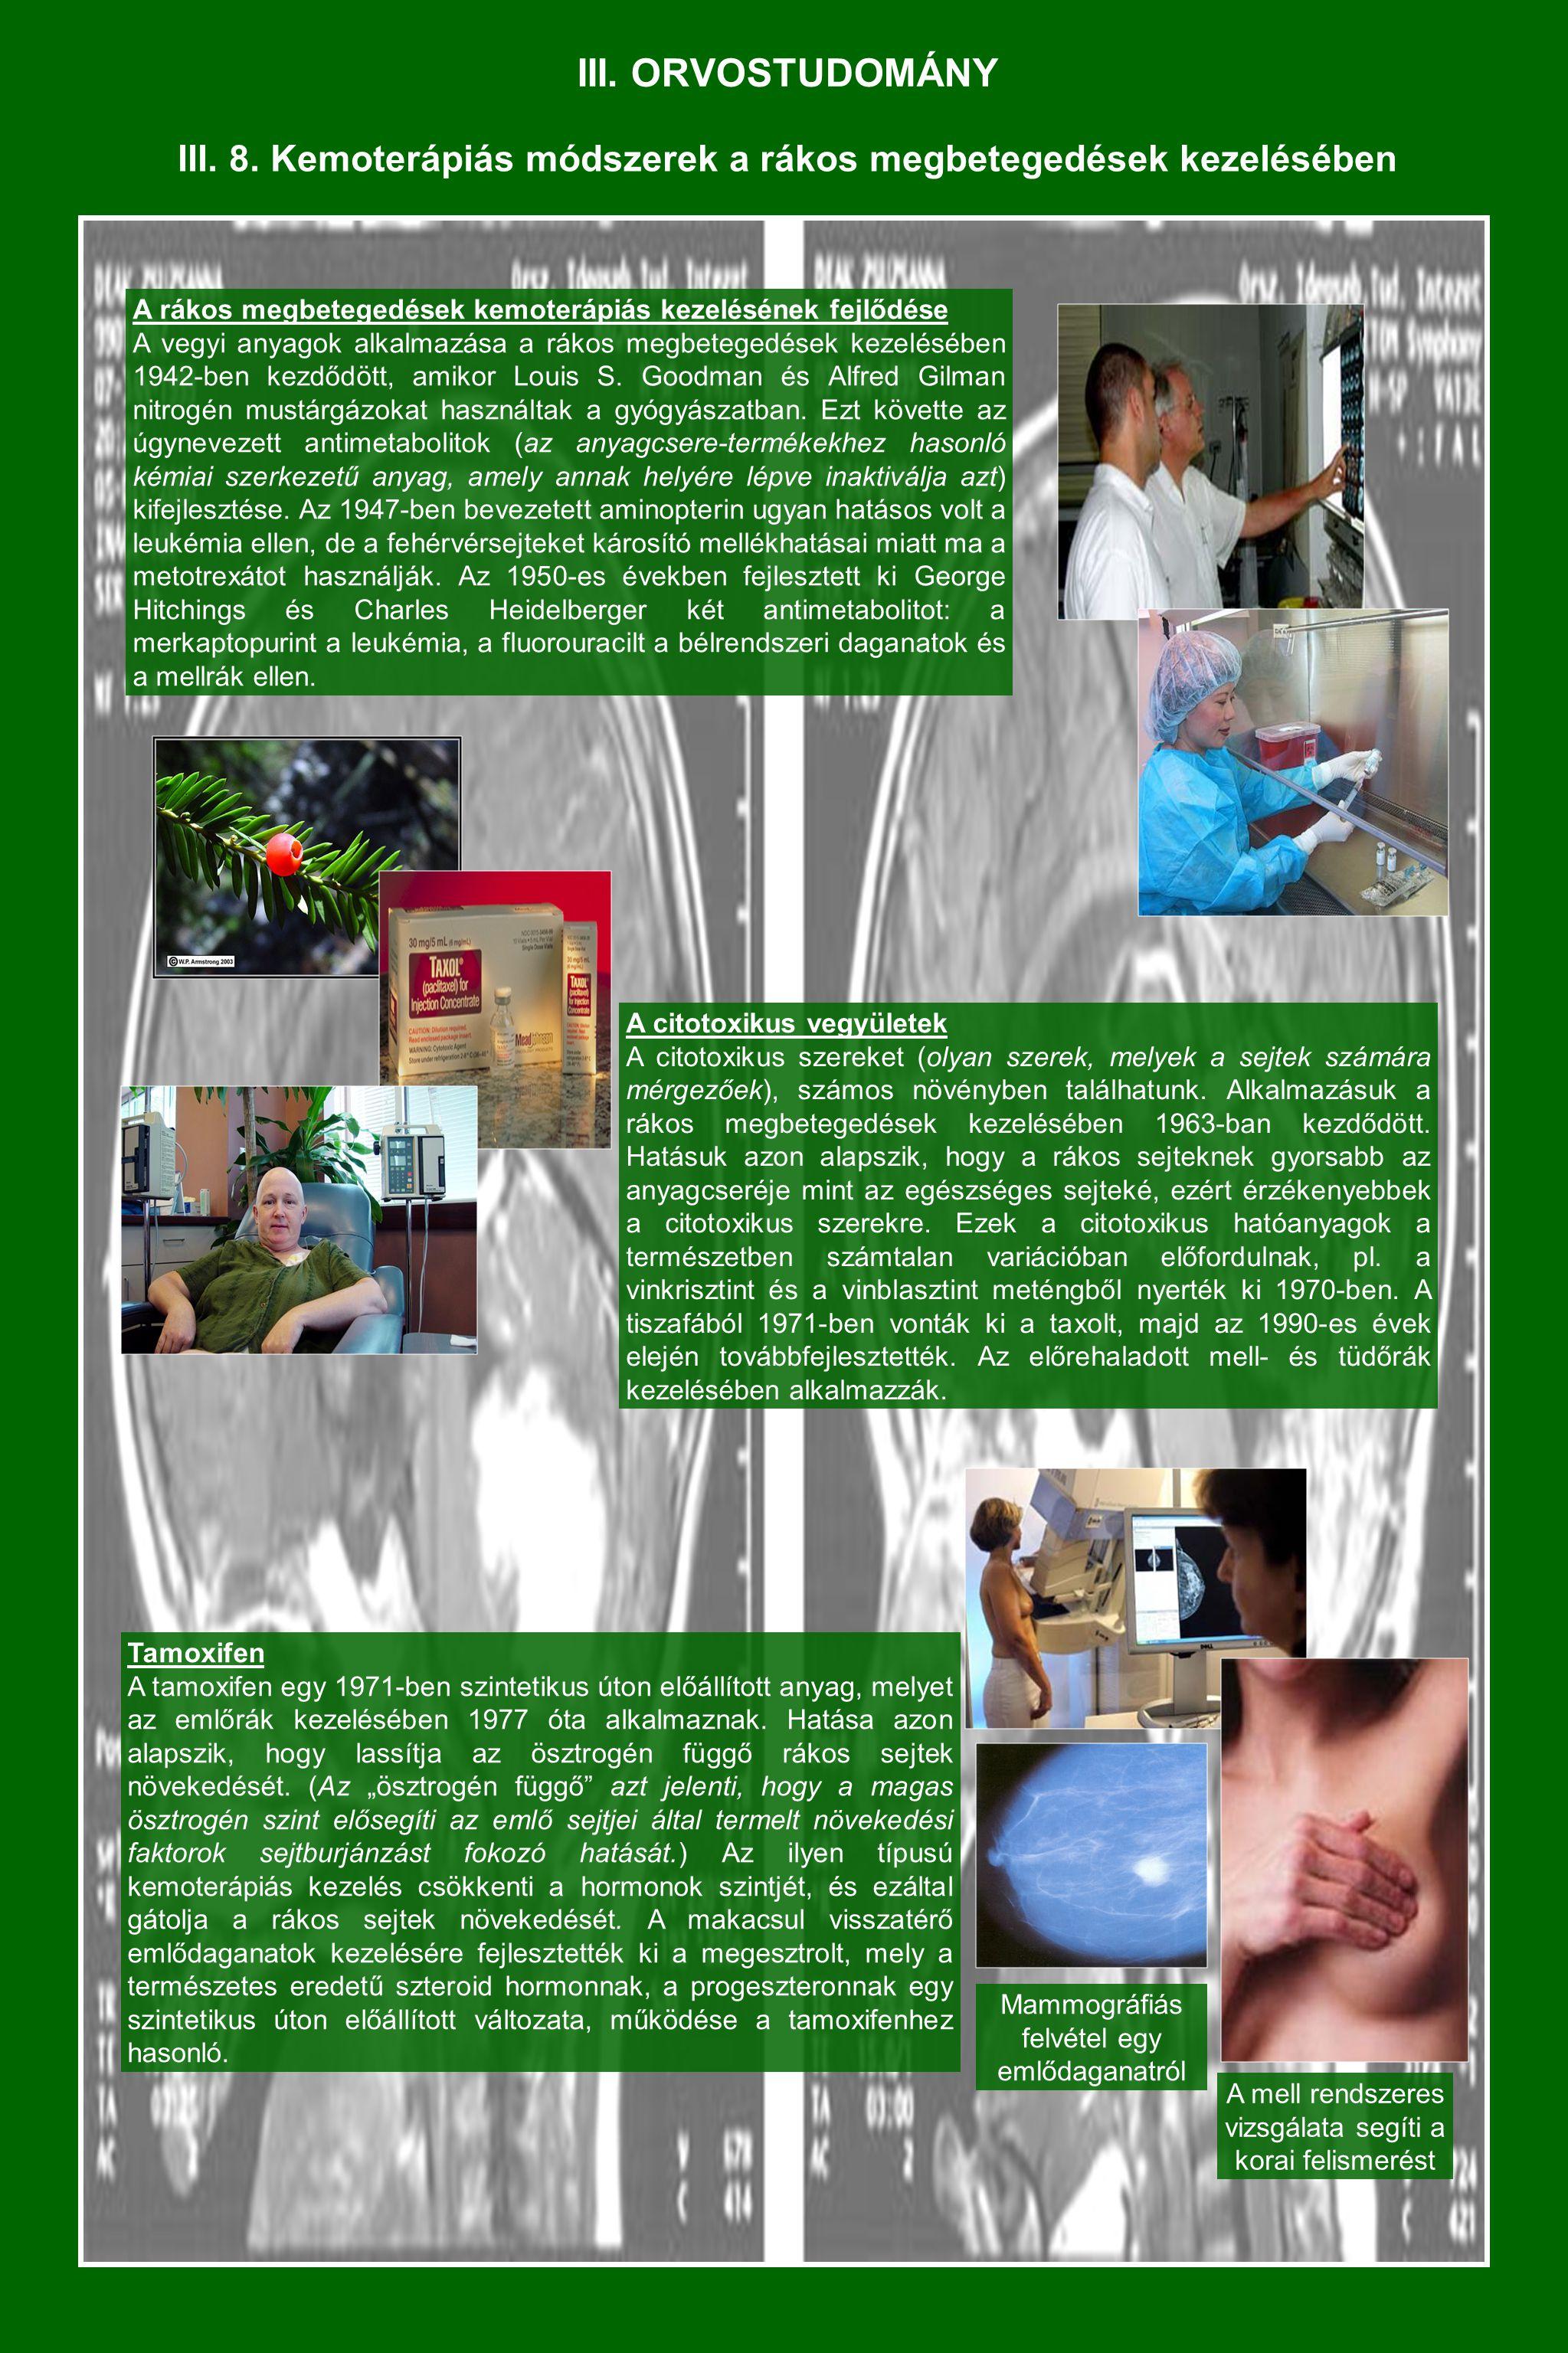 III. ORVOSTUDOMÁNY III. 8. Kemoterápiás módszerek a rákos megbetegedések kezelésében A rákos megbetegedések kemoterápiás kezelésének fejlődése A vegyi